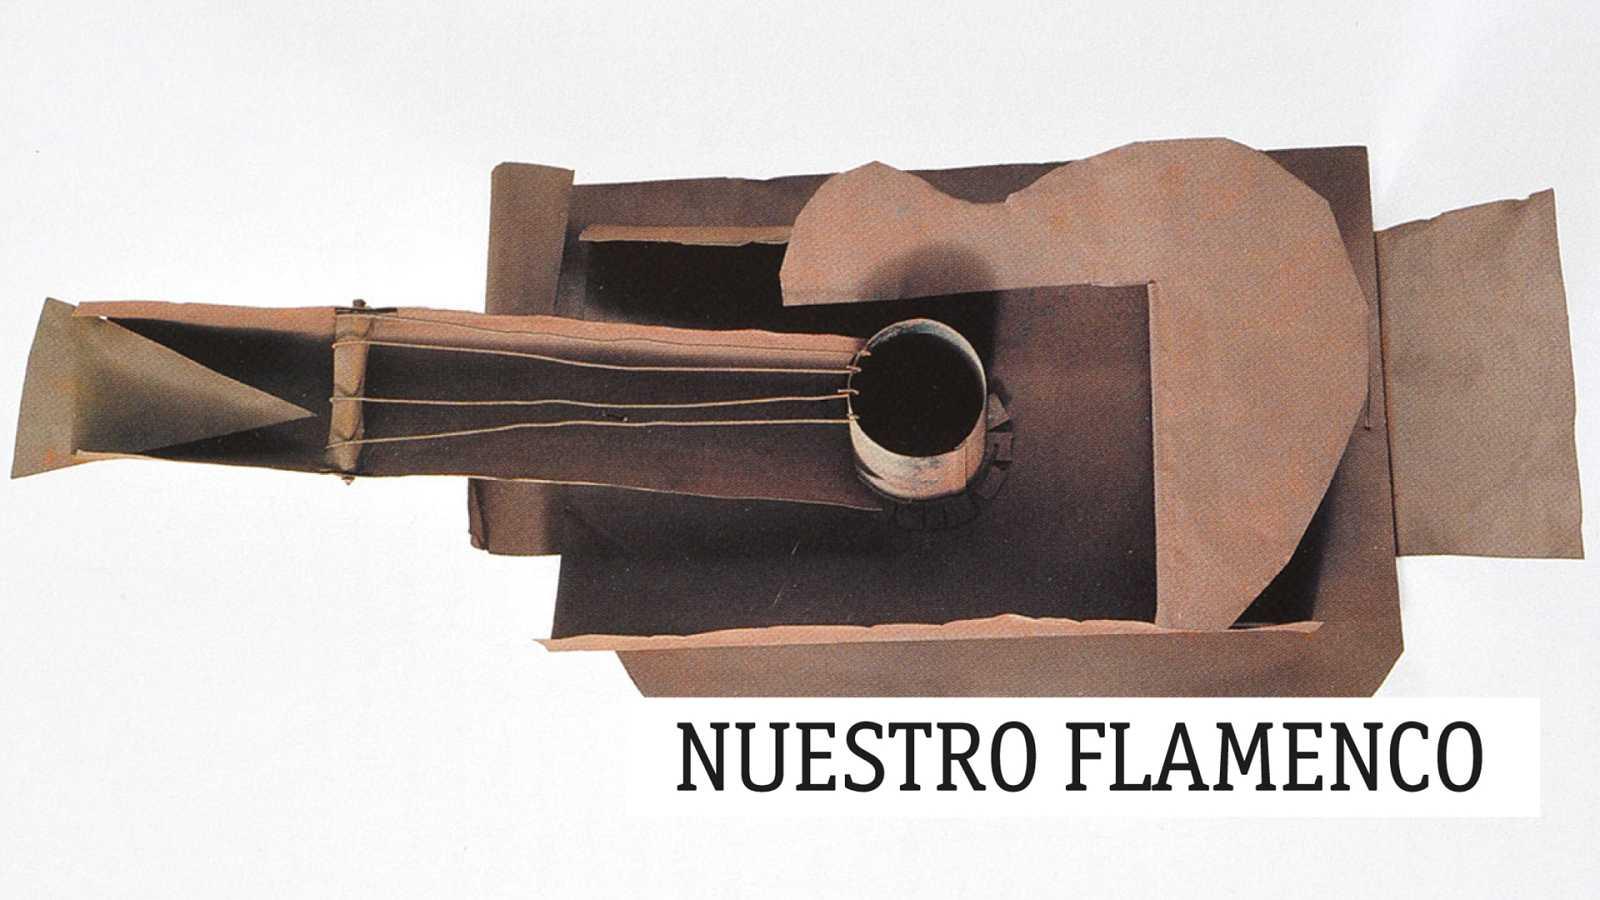 Nuestro Flamenco - Seis obras de Óscar Herrero - 03/03/20 - escuchar ahora